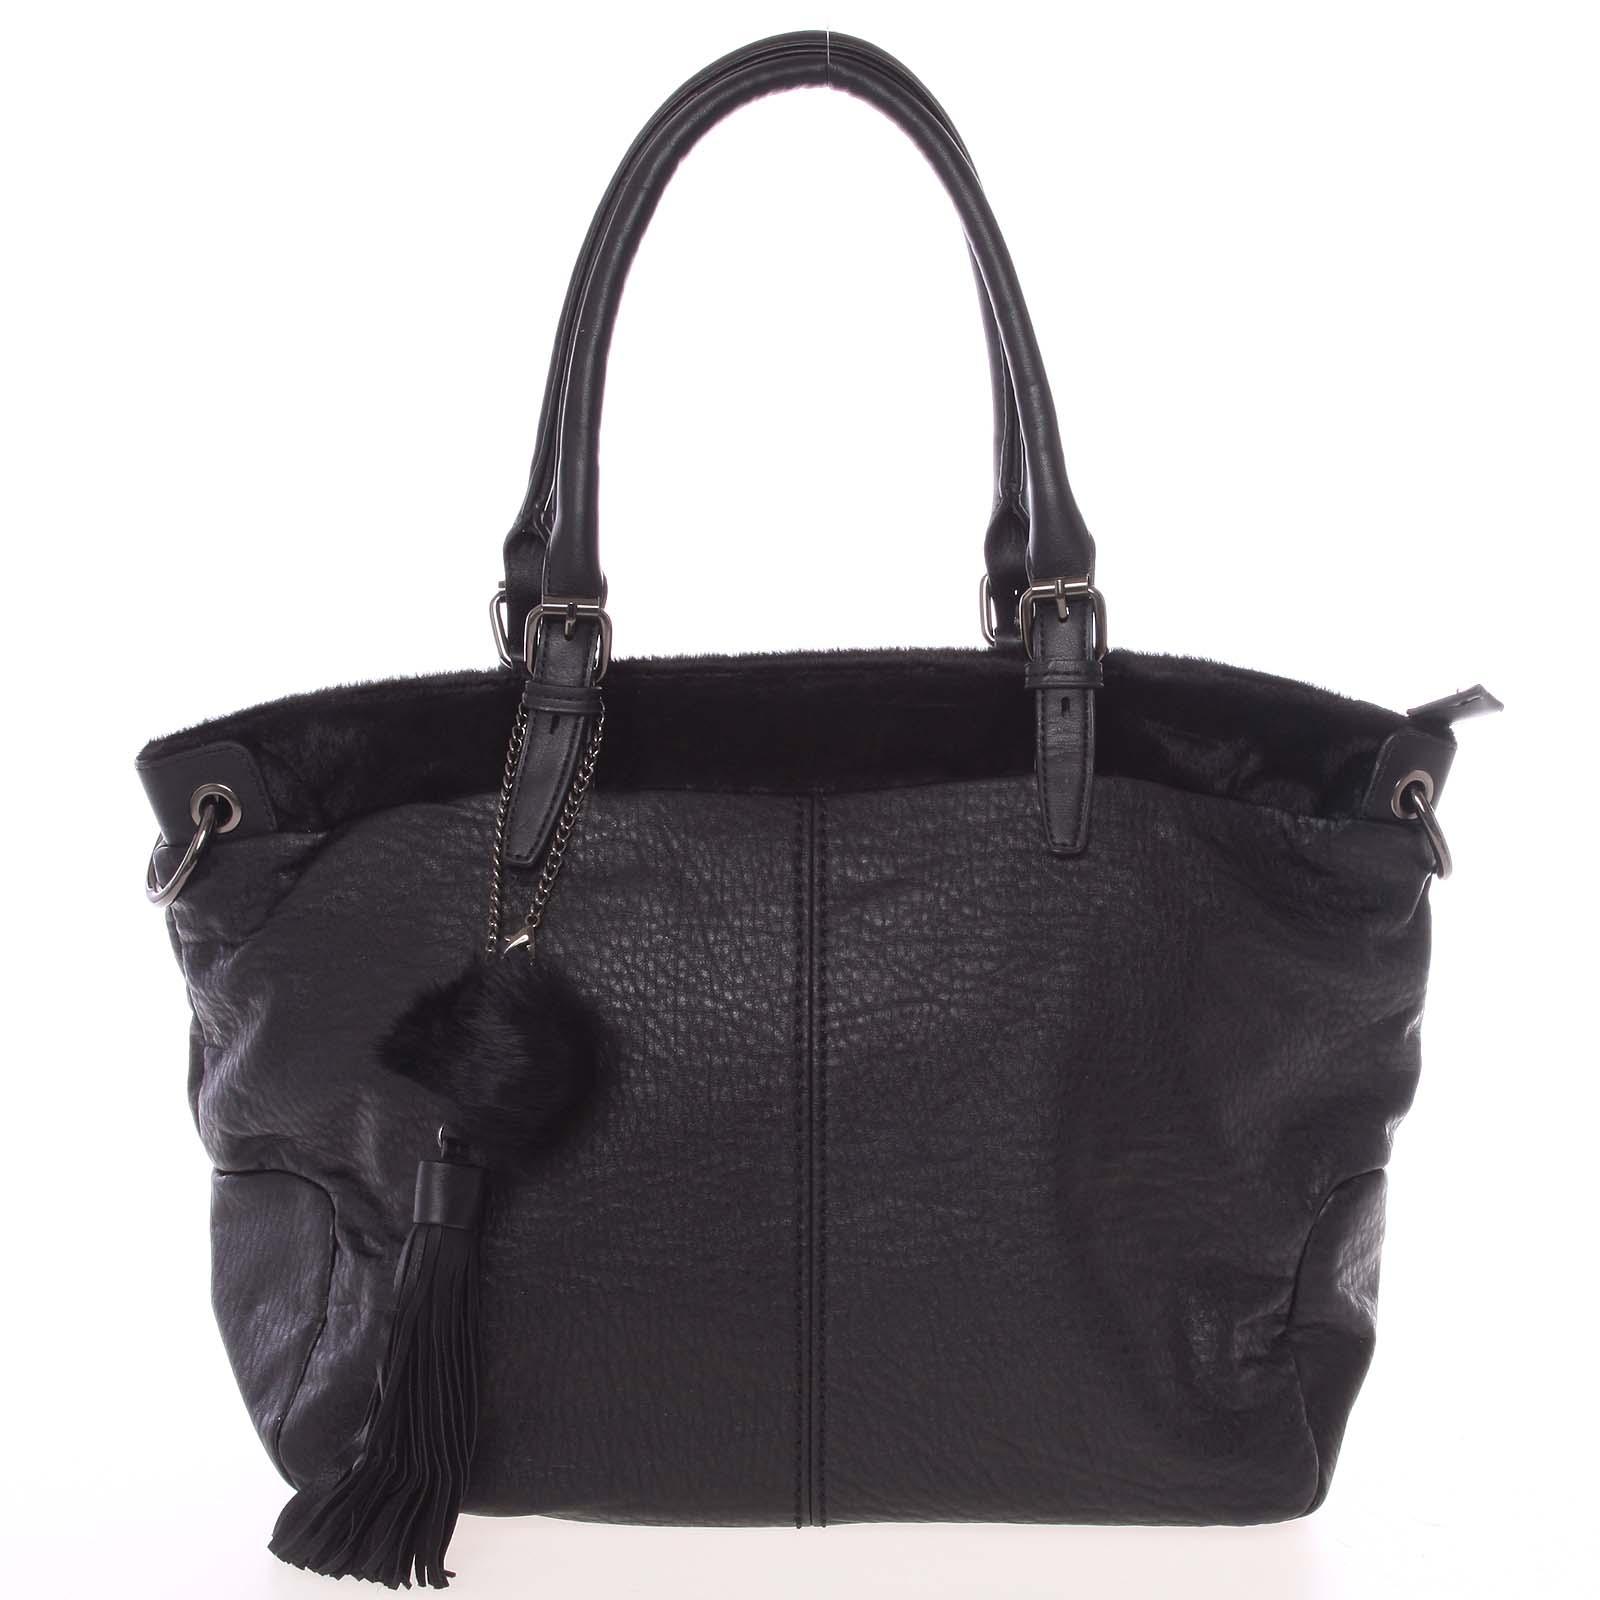 Módna mäkká dámska kabelka čierna - MARIA C Paige čierna